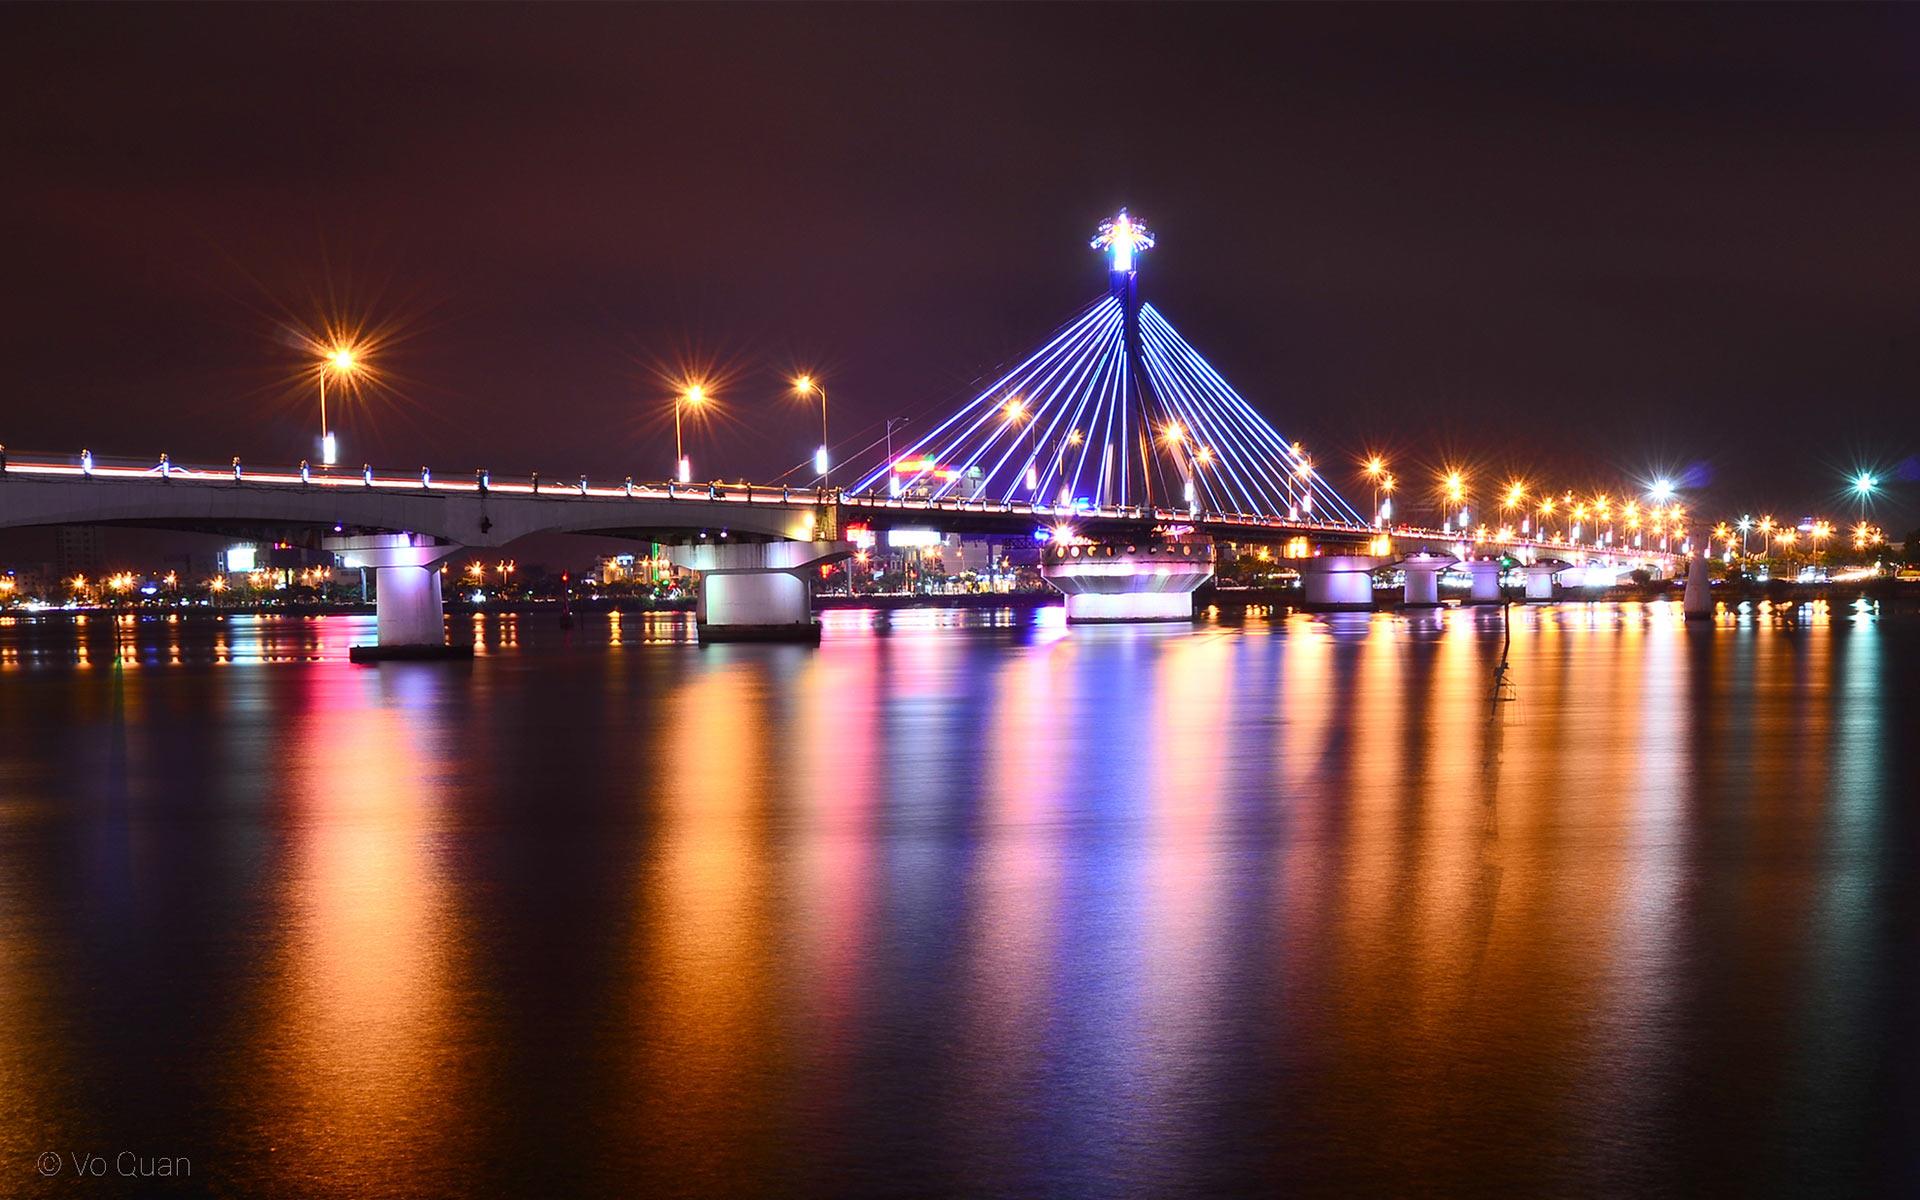 Han River Bridge in danang